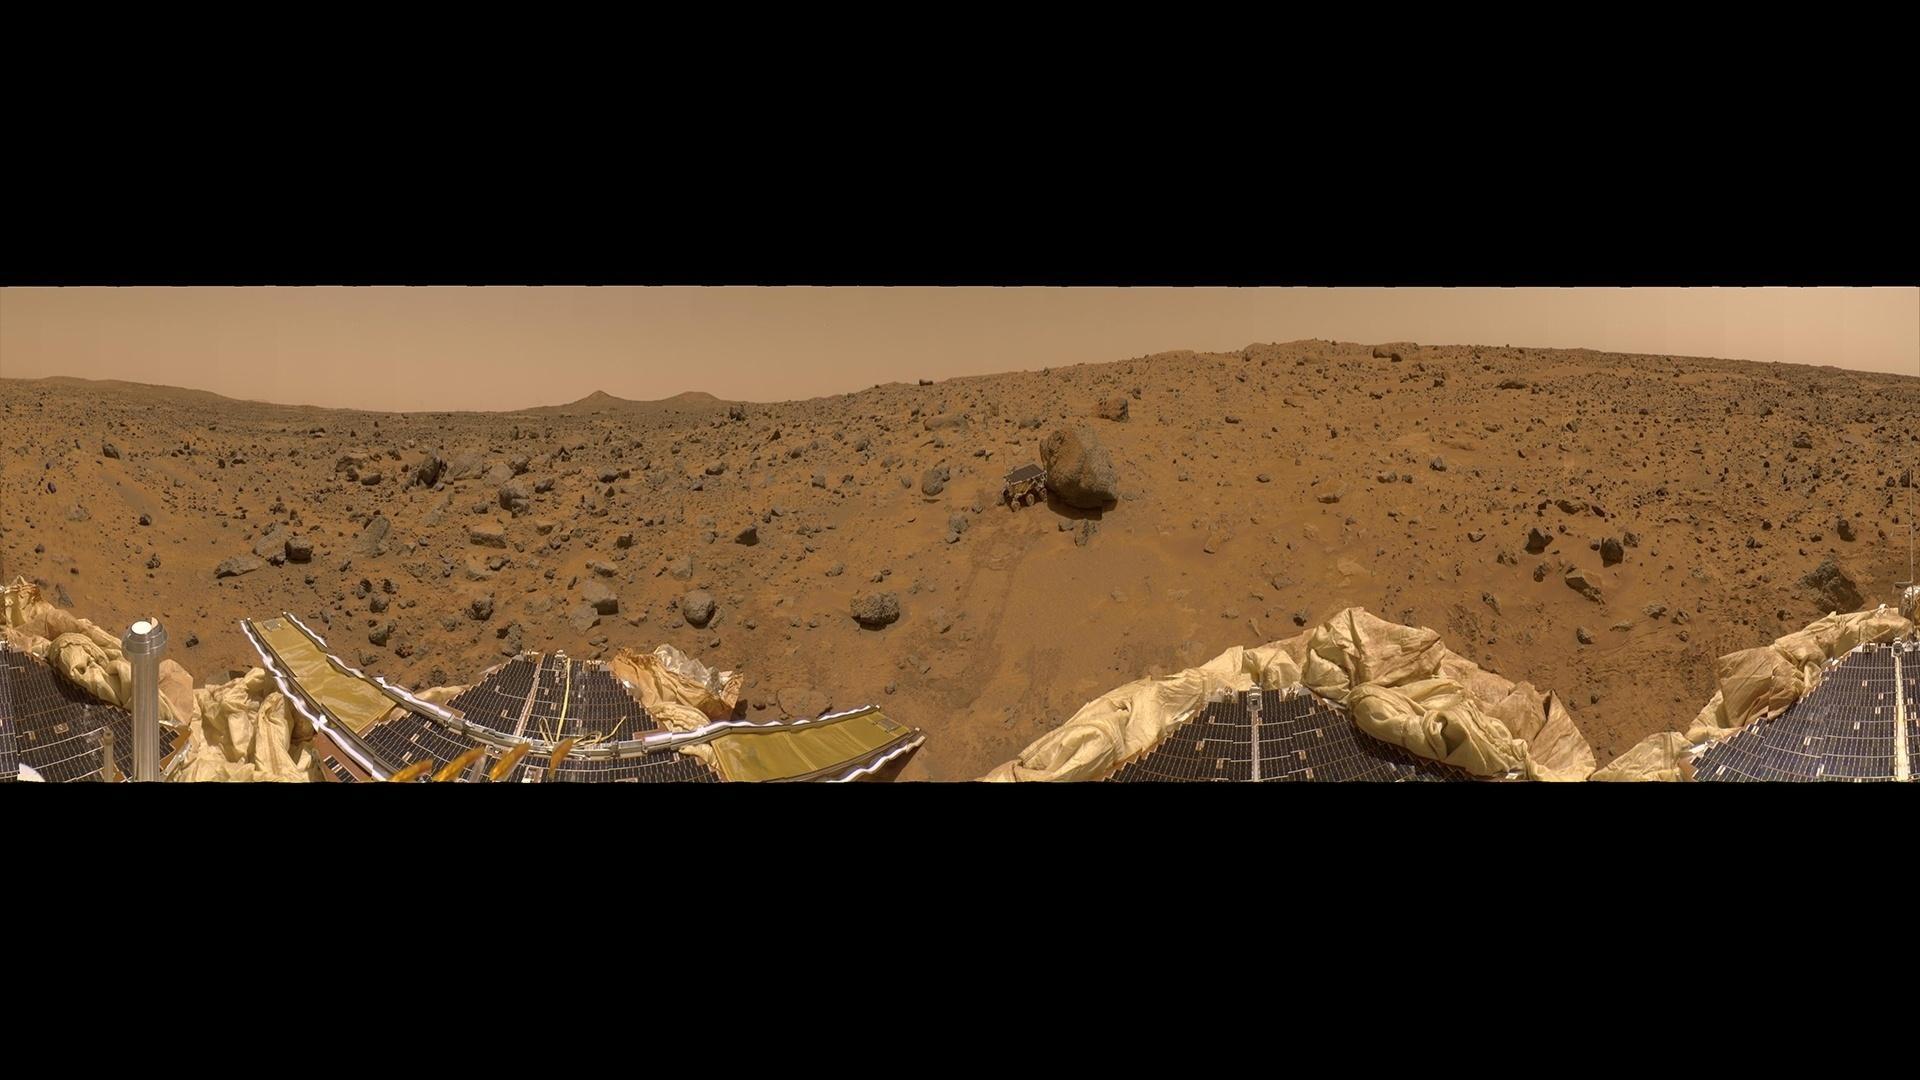 Divulgação/IMP Team, JPL e Nasa